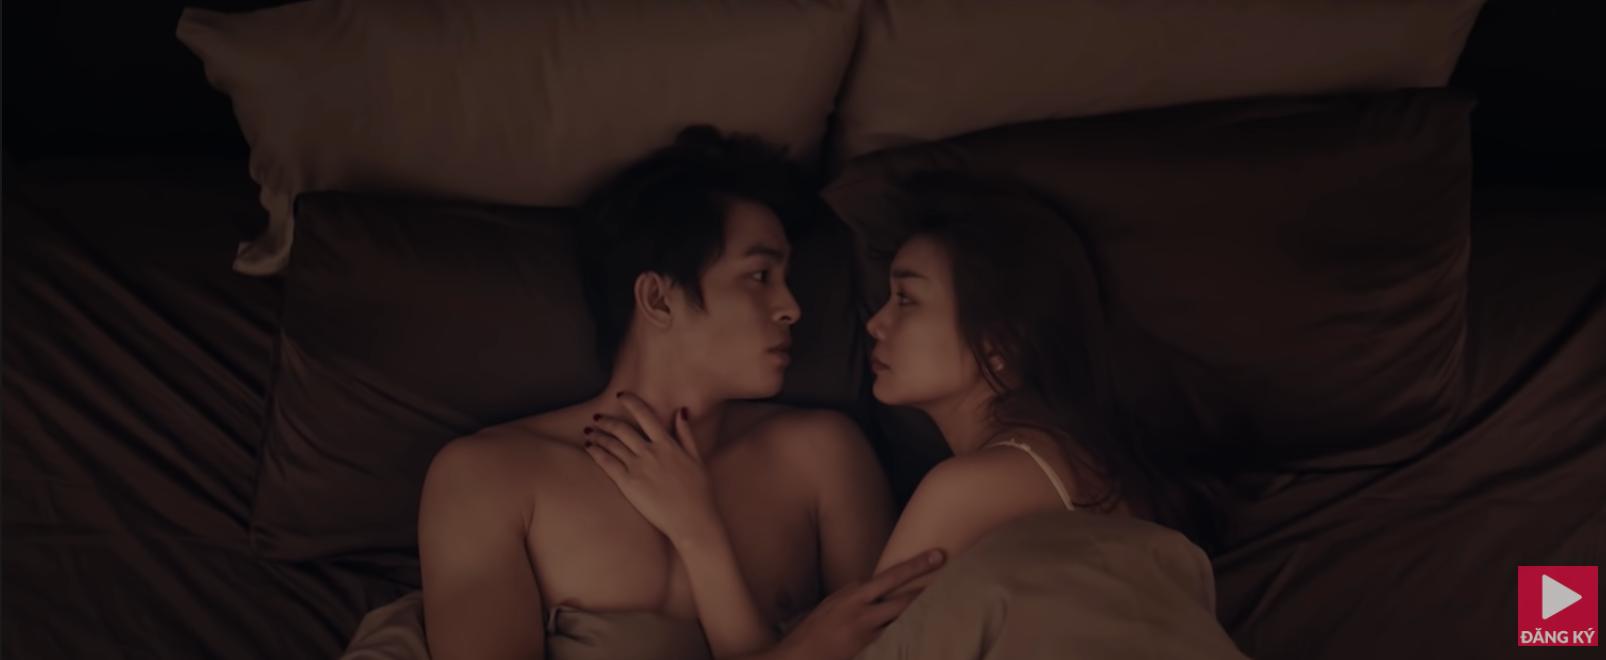 Nhà làm phim Việt Nam thách thức nha kiểm duyệt